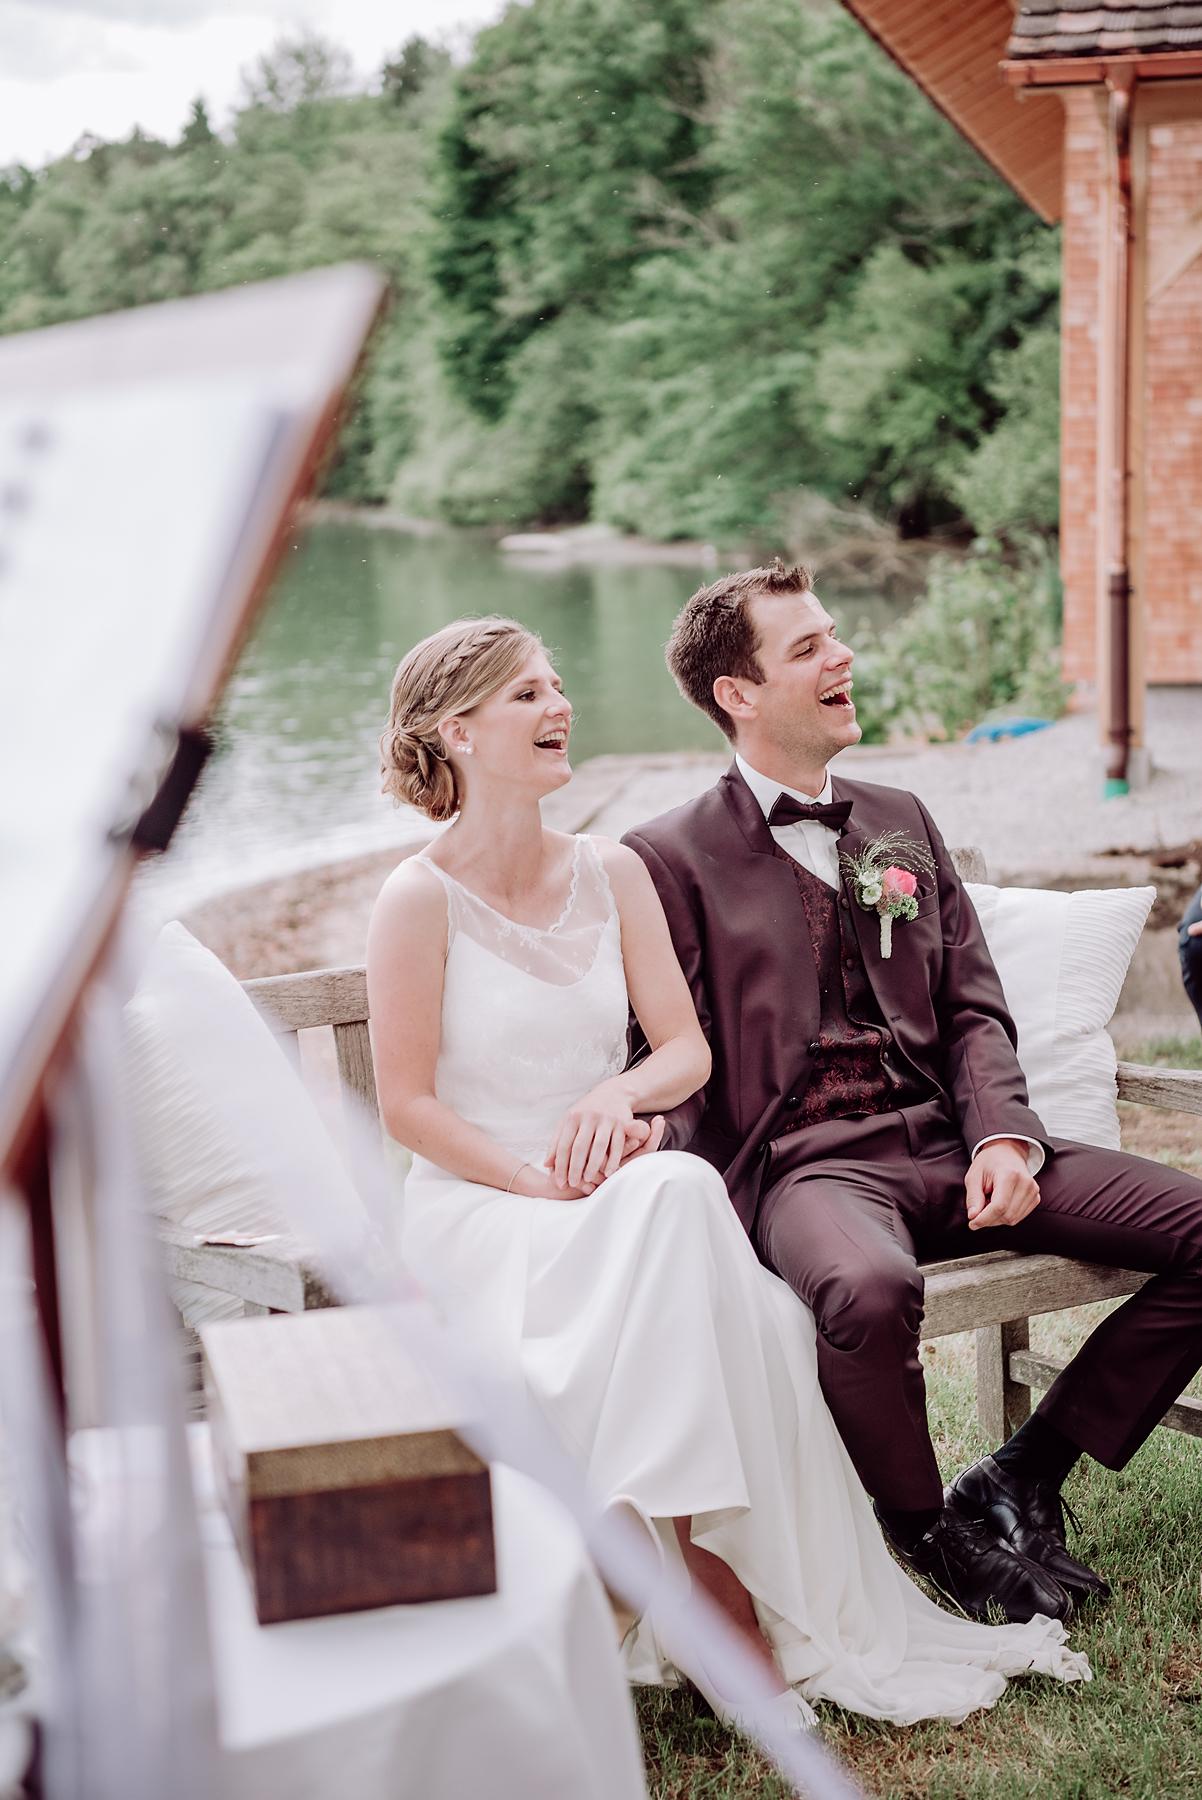 Sommer Hochzeit in Diessenhofen direkt am Rhein. Fotografiert von Beka Bitterli, Hochzeitsfotografin aus Winterthur.